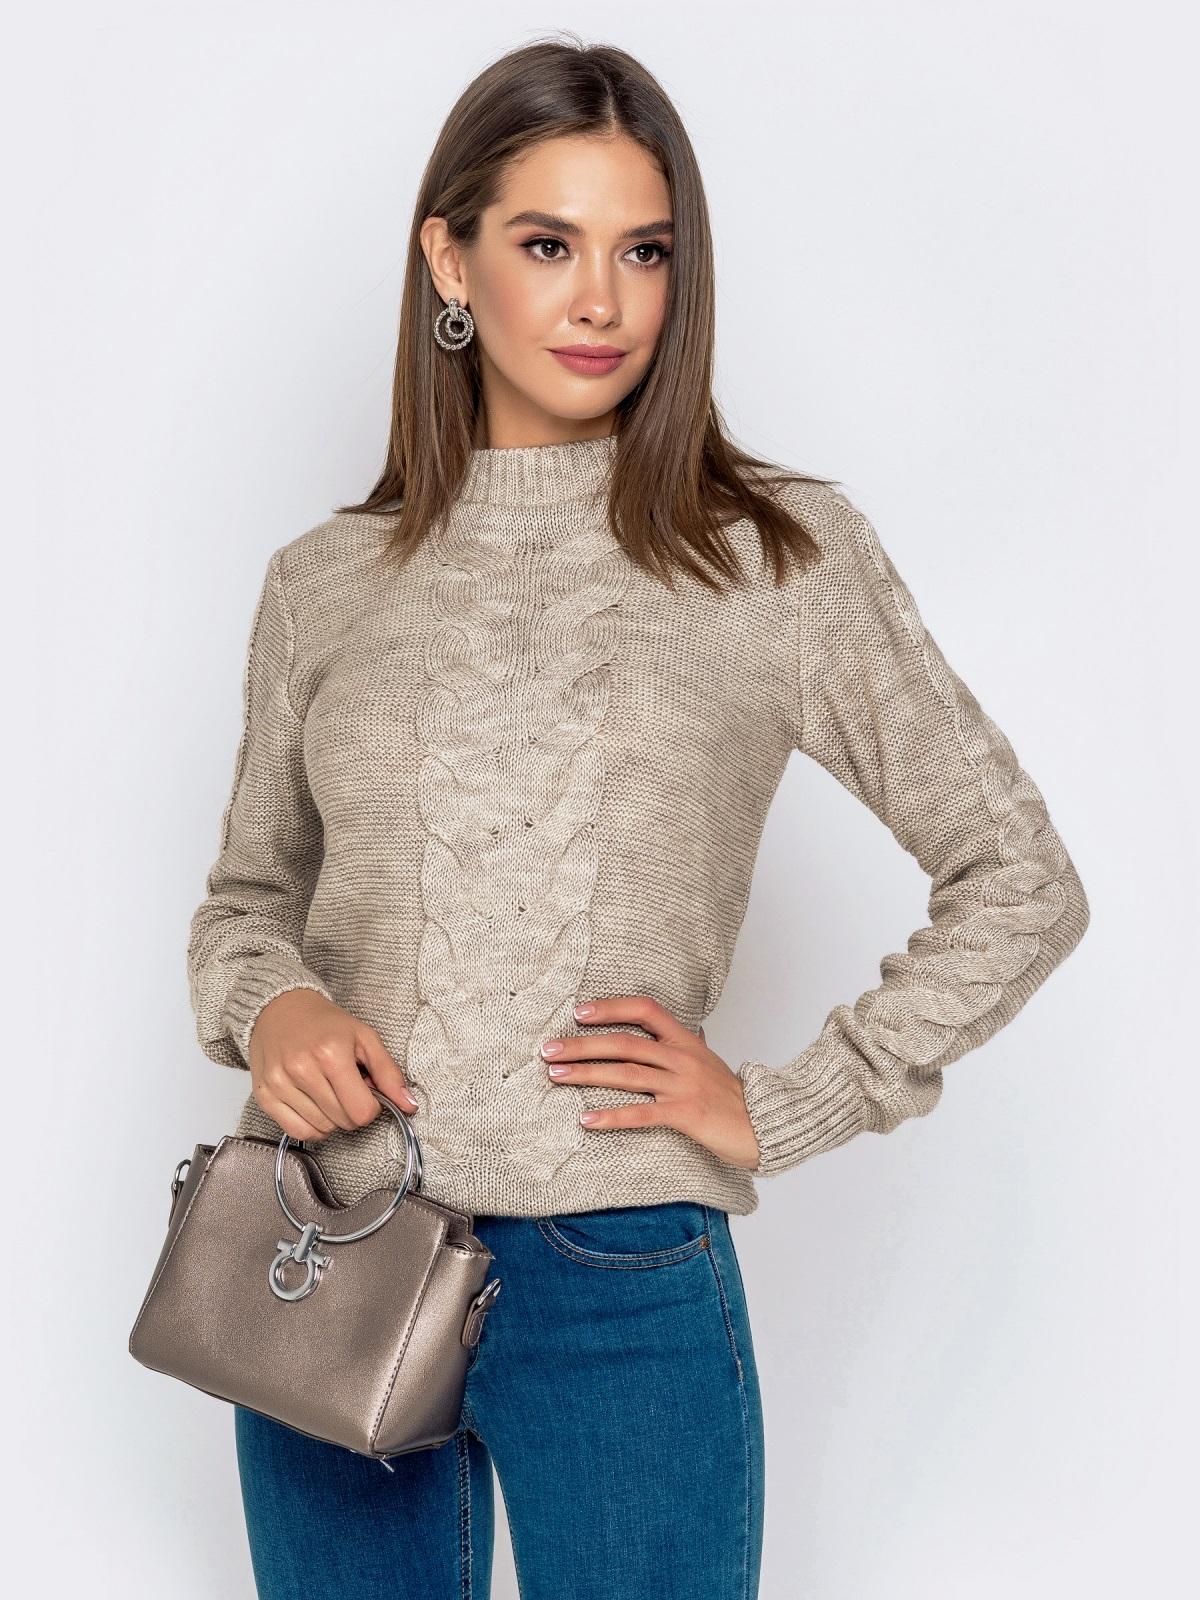 Бежевый свитер с ажурной вязкой - 41074, фото 1 – интернет-магазин Dressa